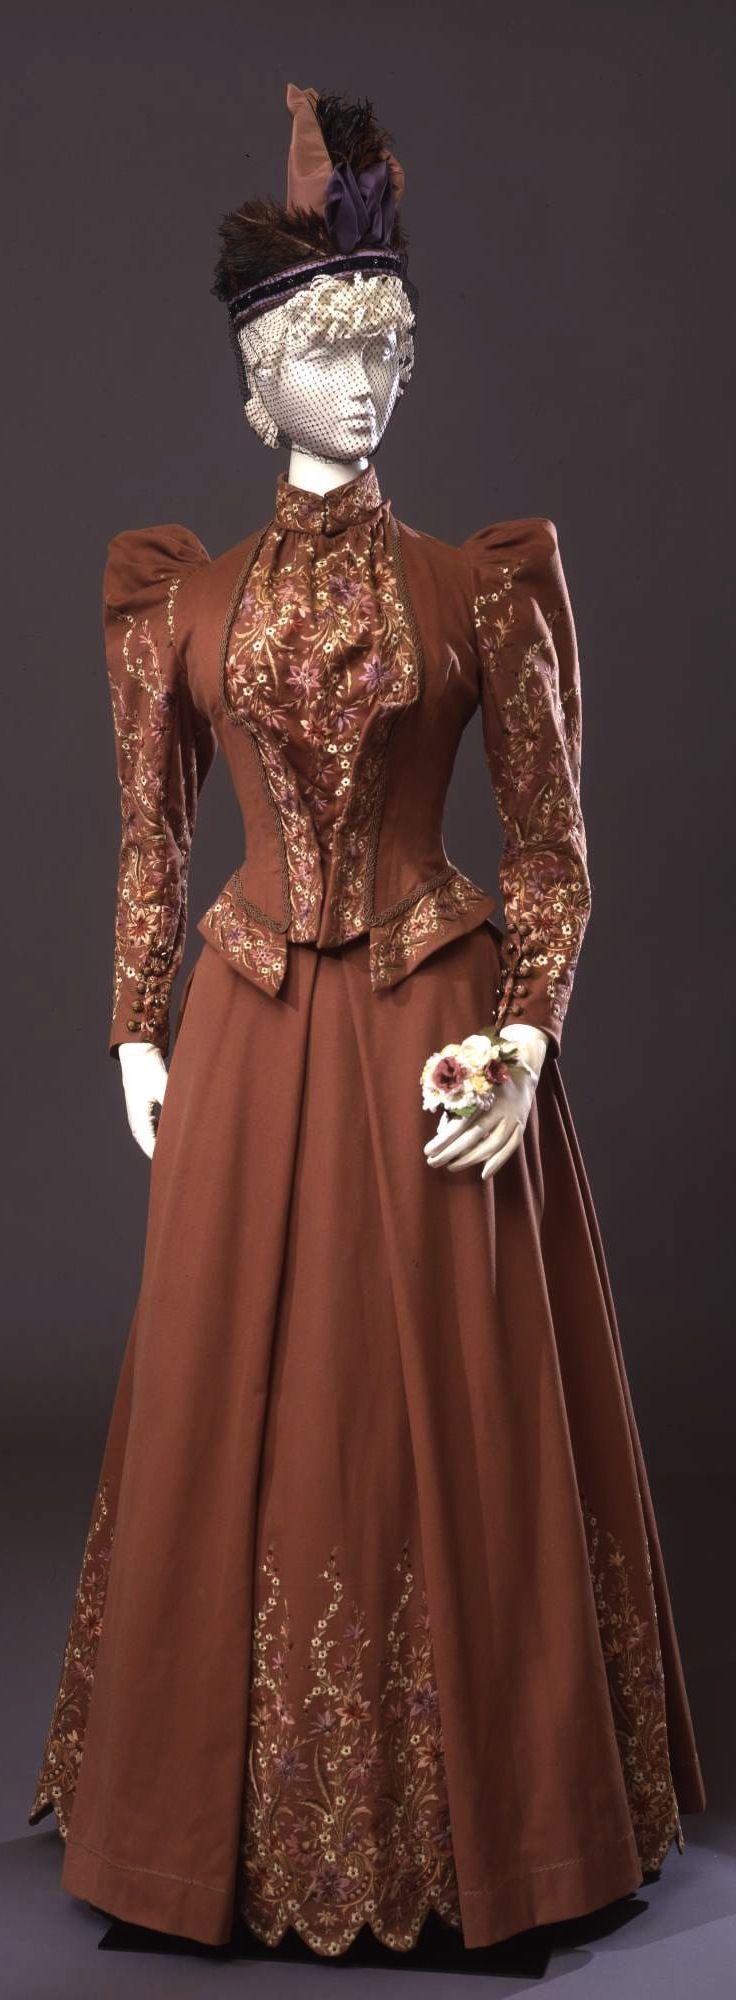 1890 fashion dresses